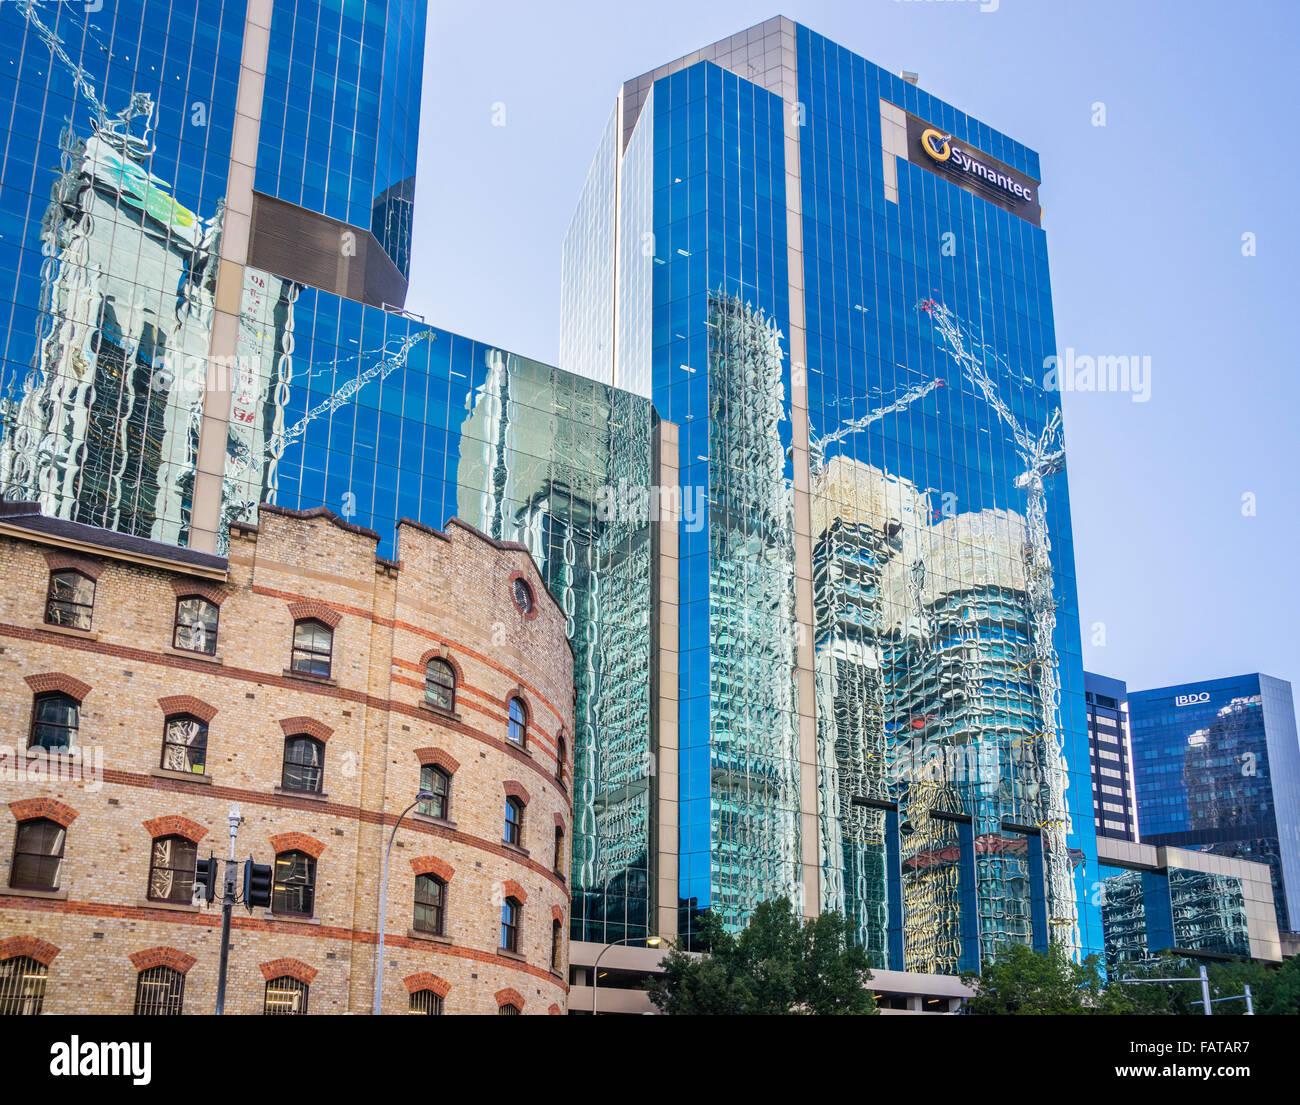 Australia, New South Wales, Sydney, del patrimonio fachada del Grafton Bond contra la construcción de torres Imagen De Stock